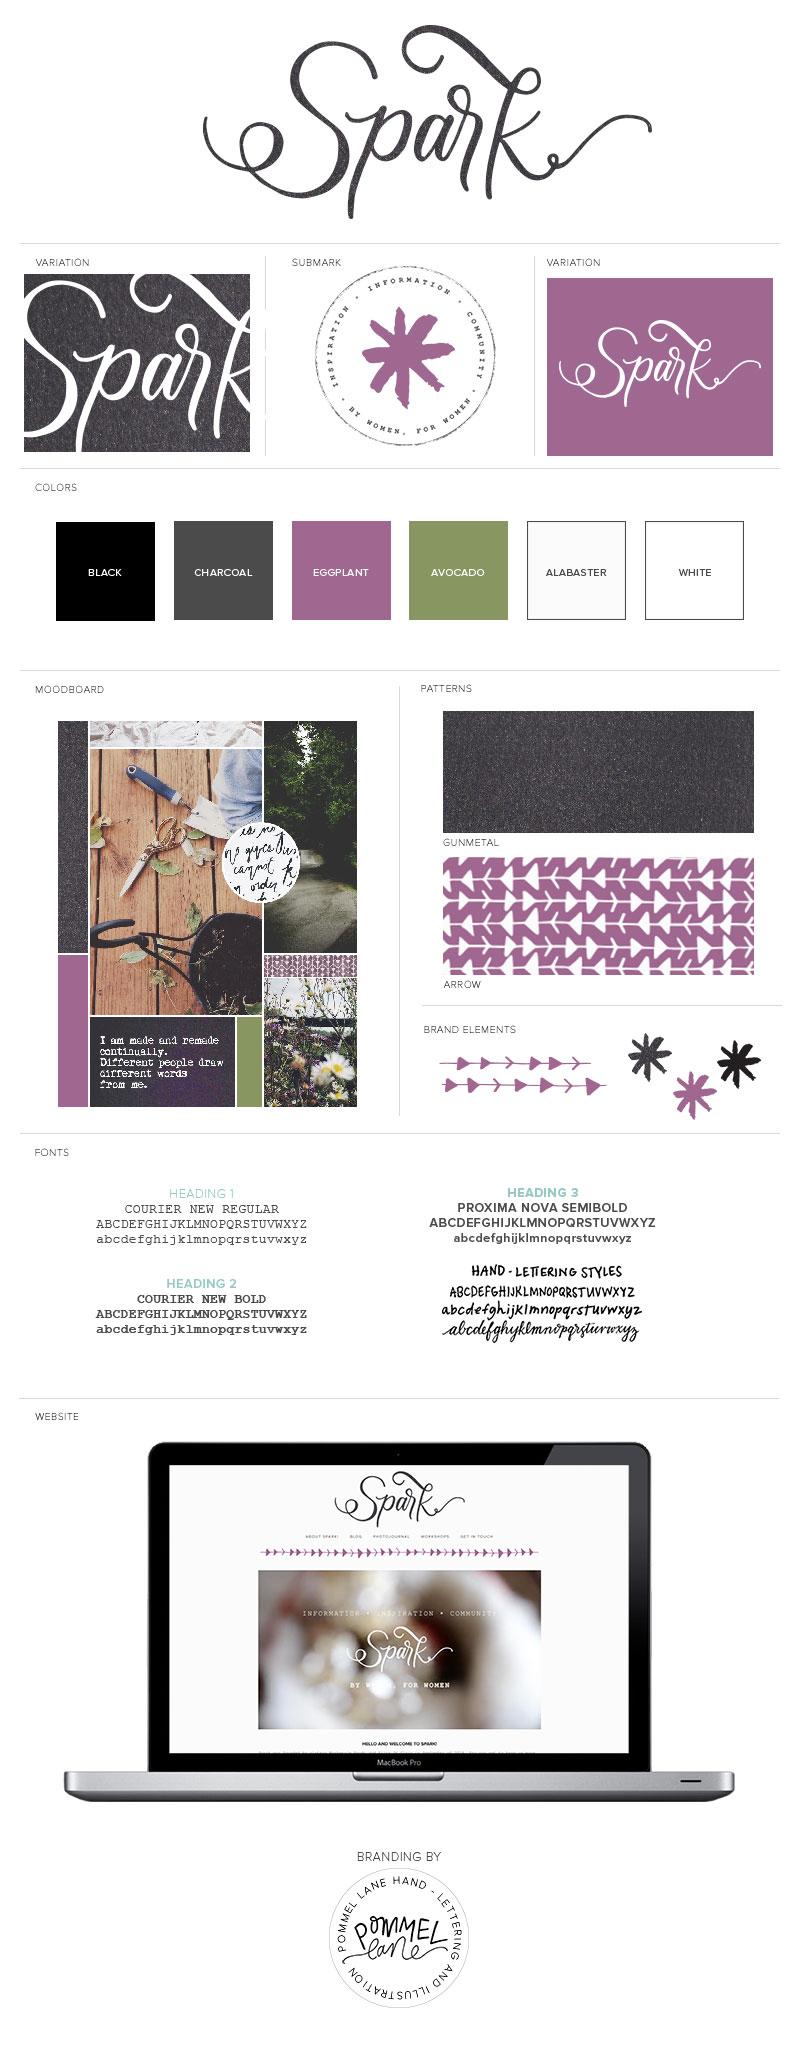 Spark Magazine  |  Blog Community By Women, For Women  |  Branding by Pommel Lane www.pommellane.com